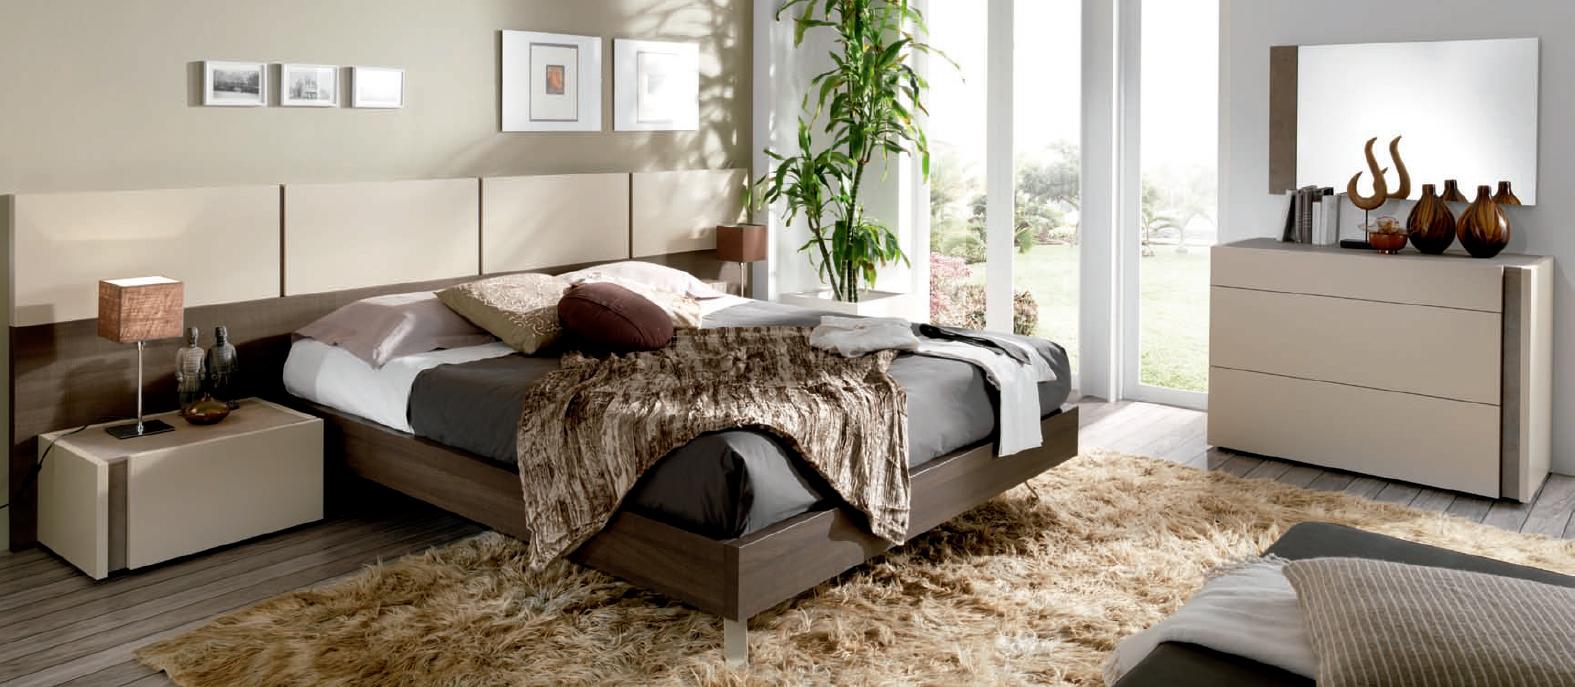 dormitorios de estilo moderno (23)